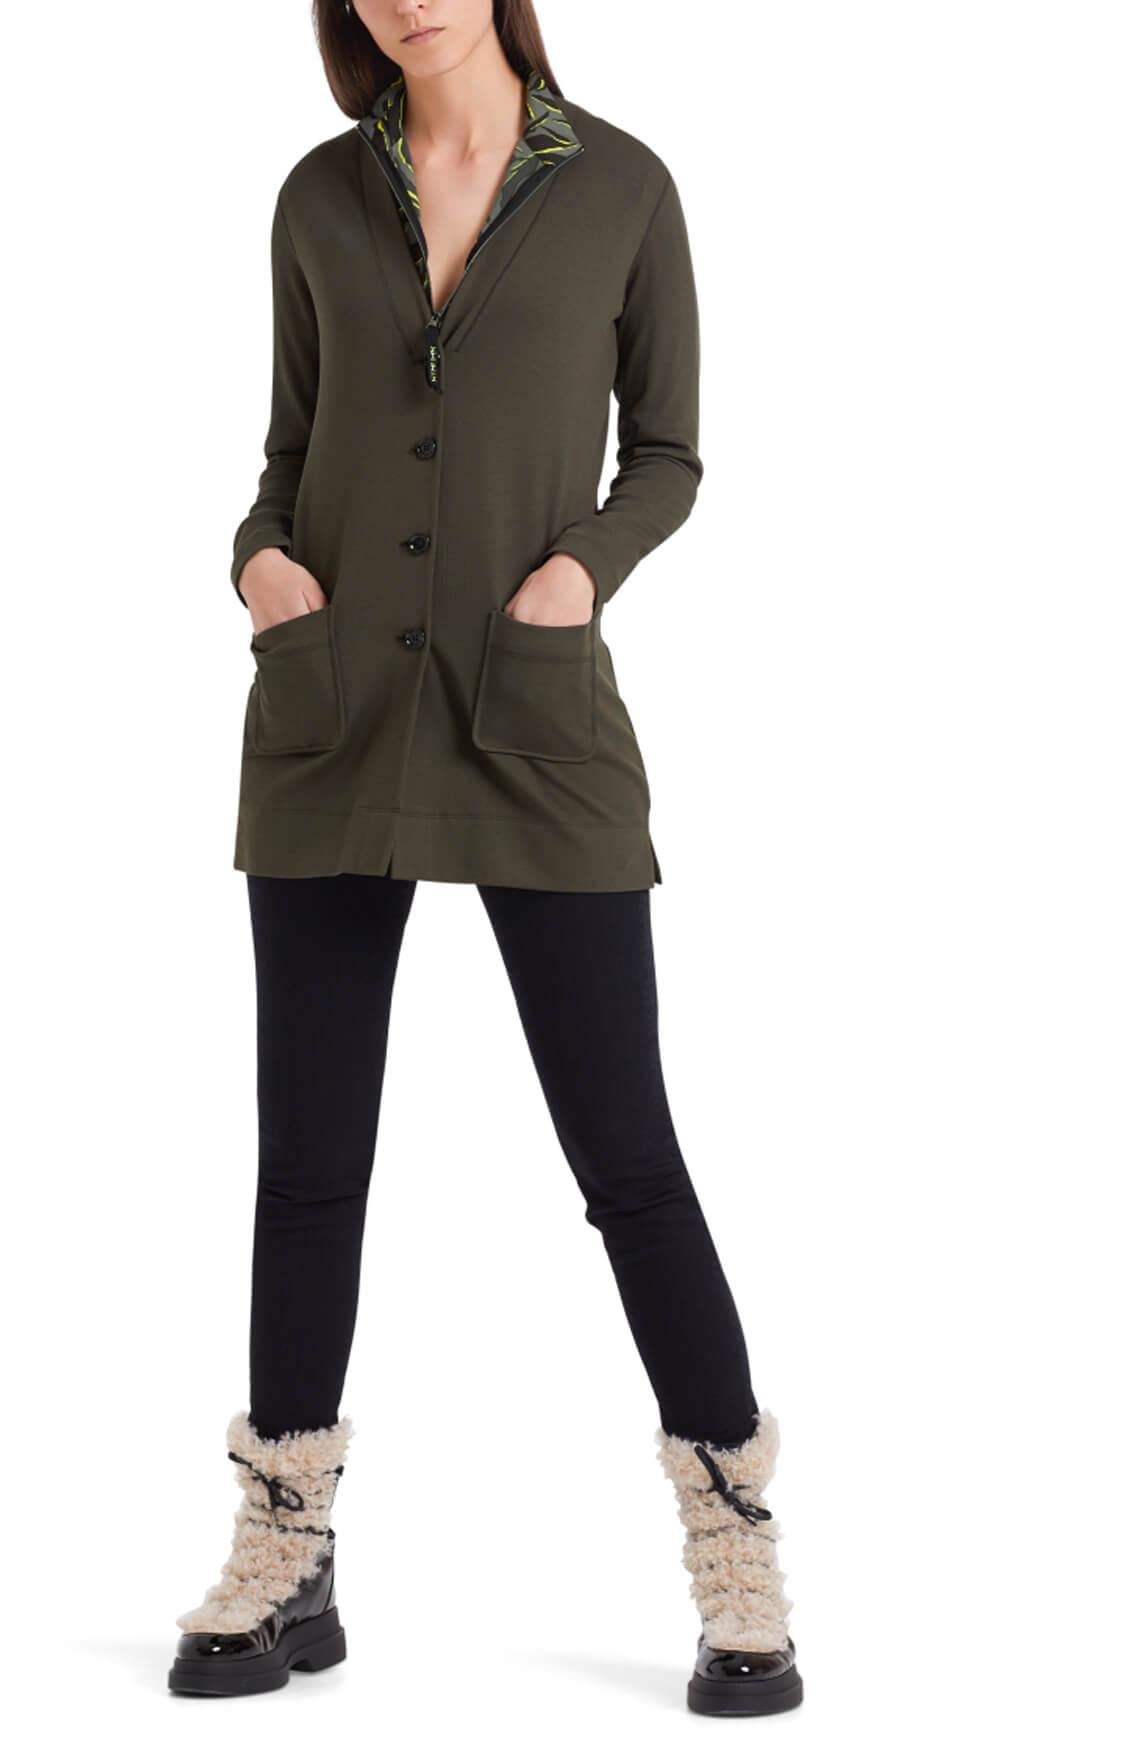 Marccain Sports Dames Vest van katoen jersey groen